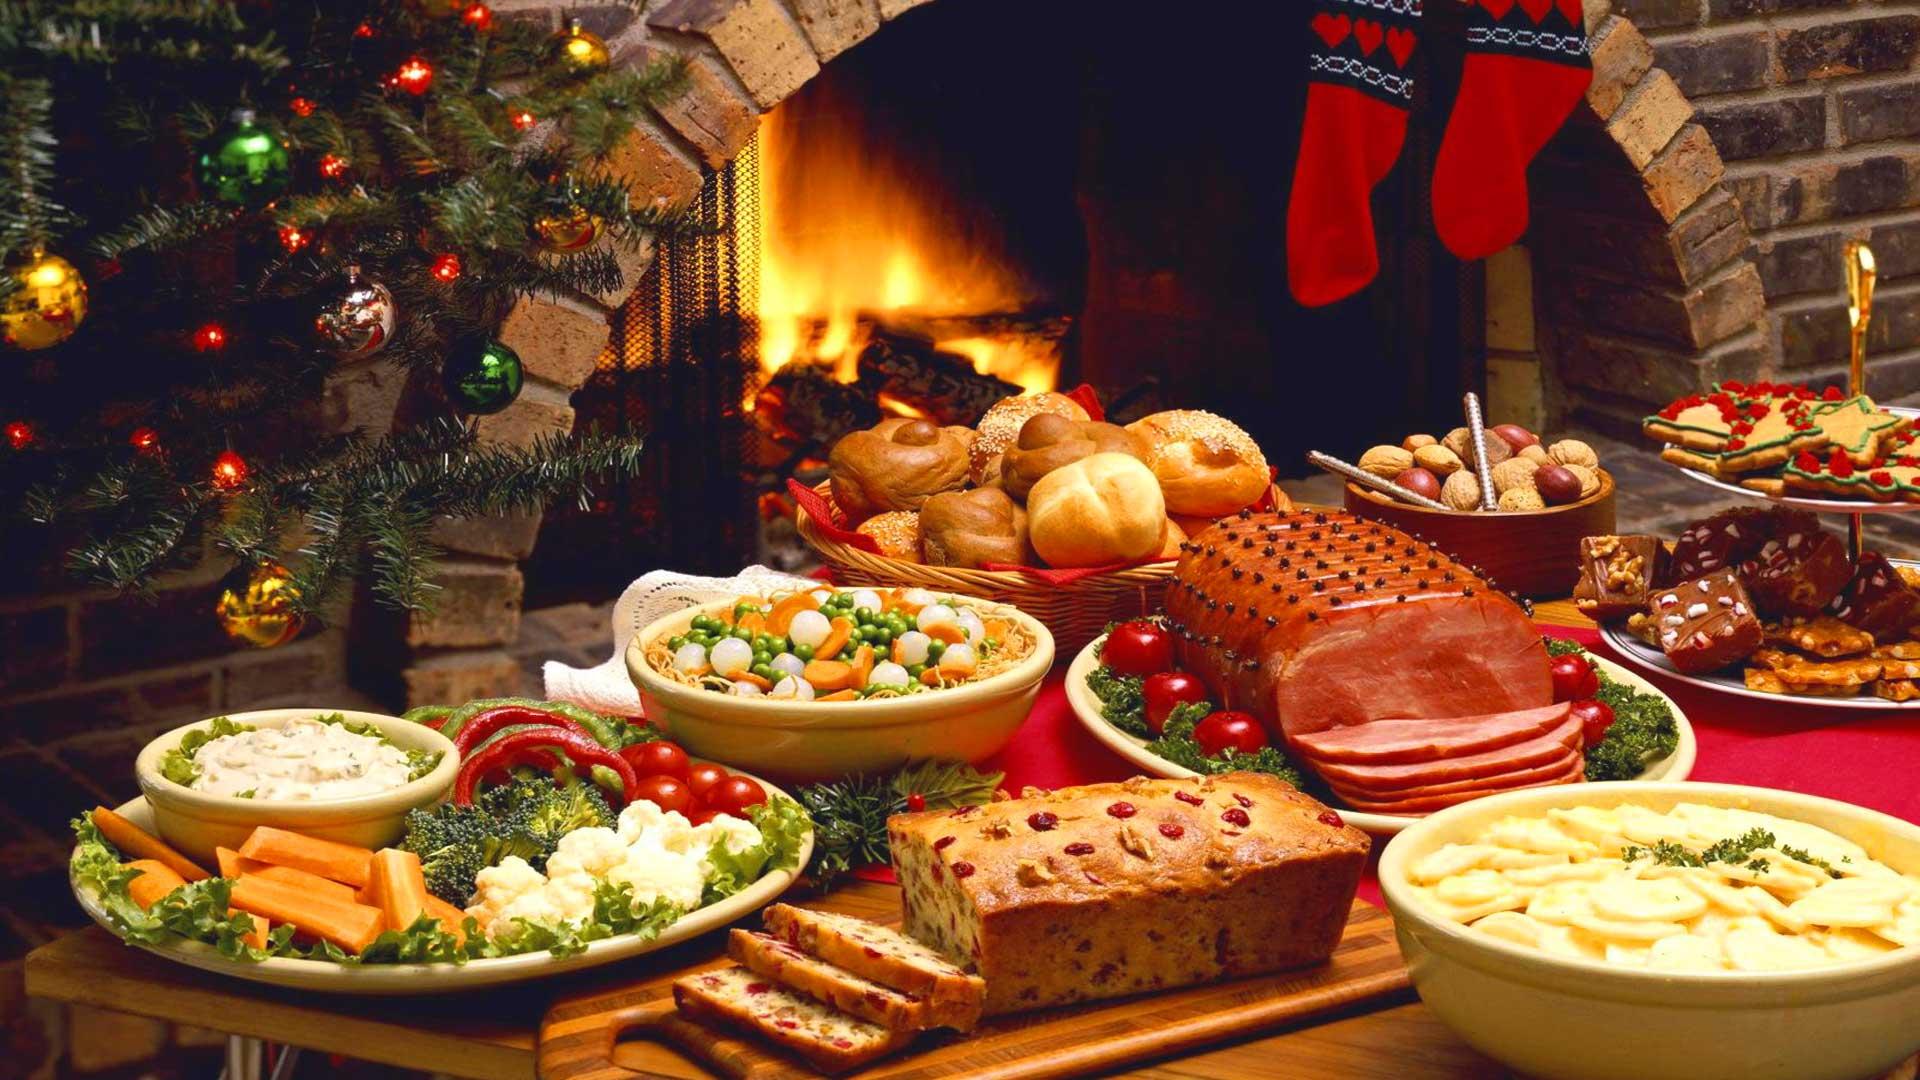 wat te eten met kerstavond